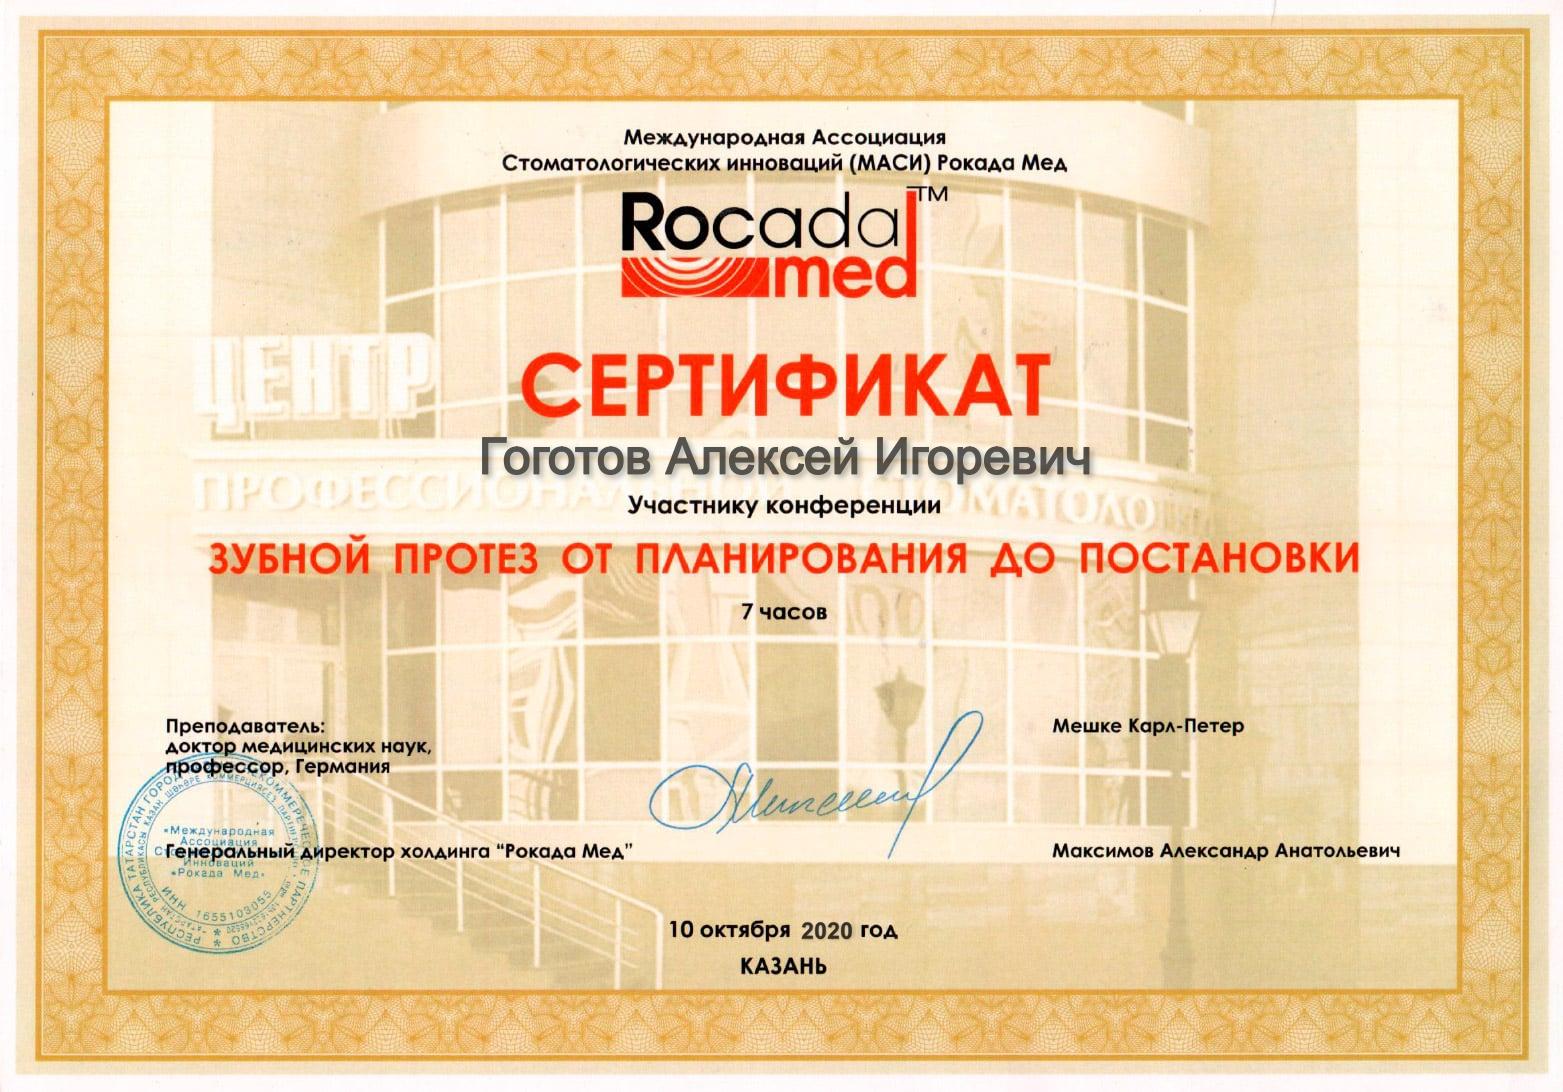 Гоготов_сертификат_1